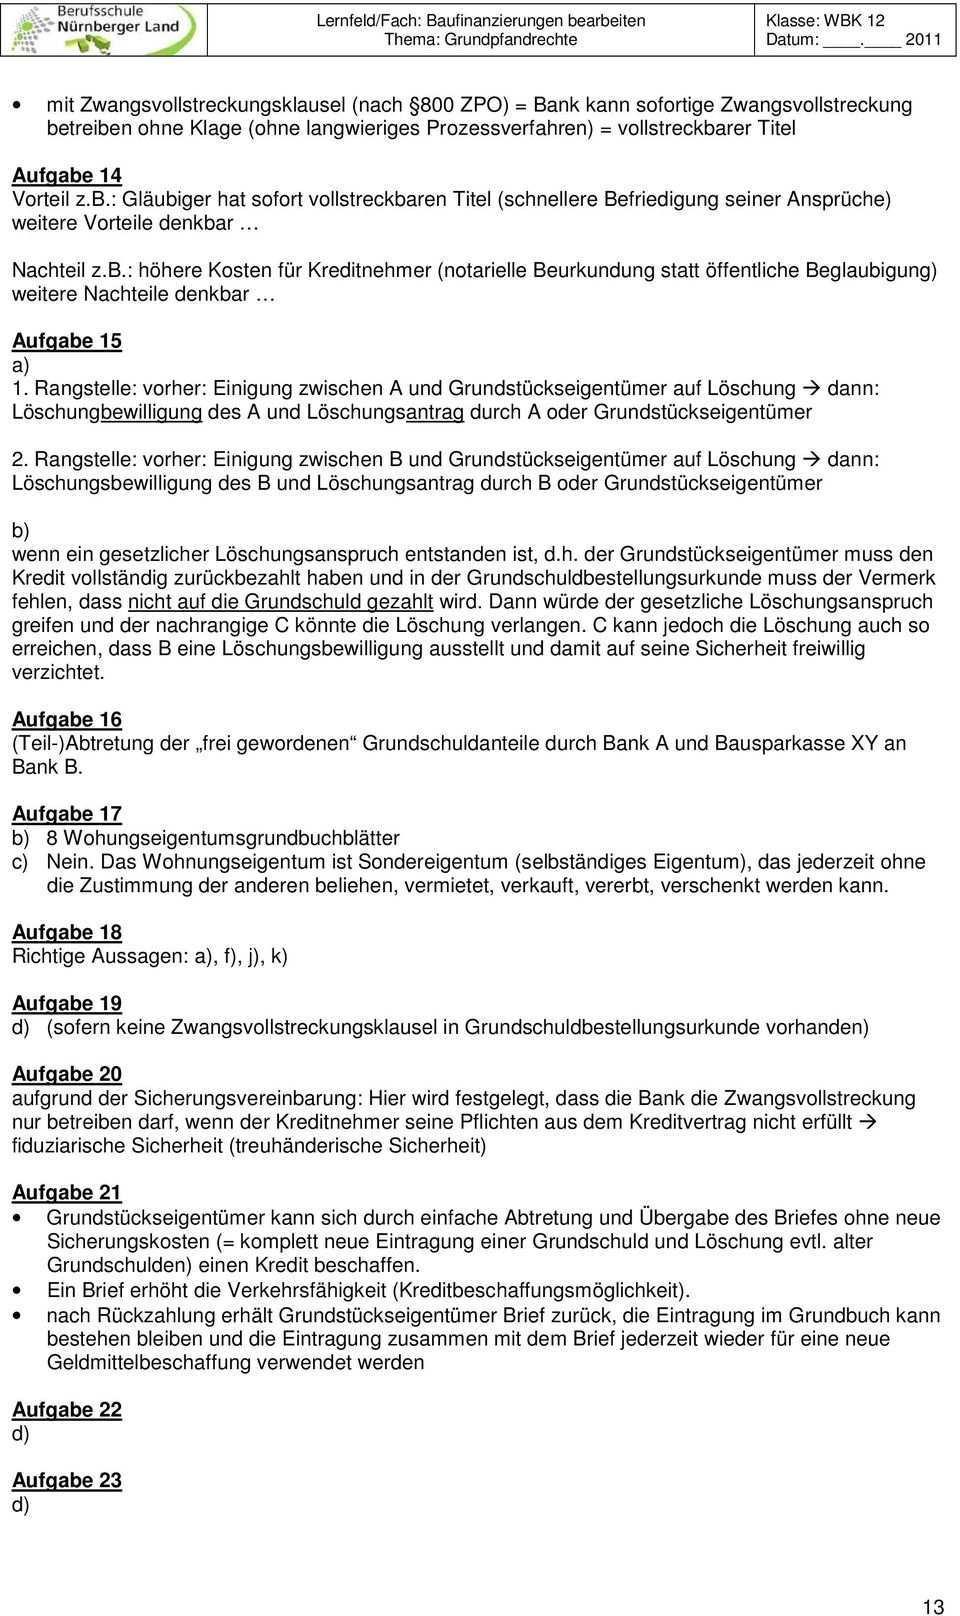 Lernfeld Fach Baufinanzierungen Bearbeiten Thema Grundpfandrechte Pdf Free Download